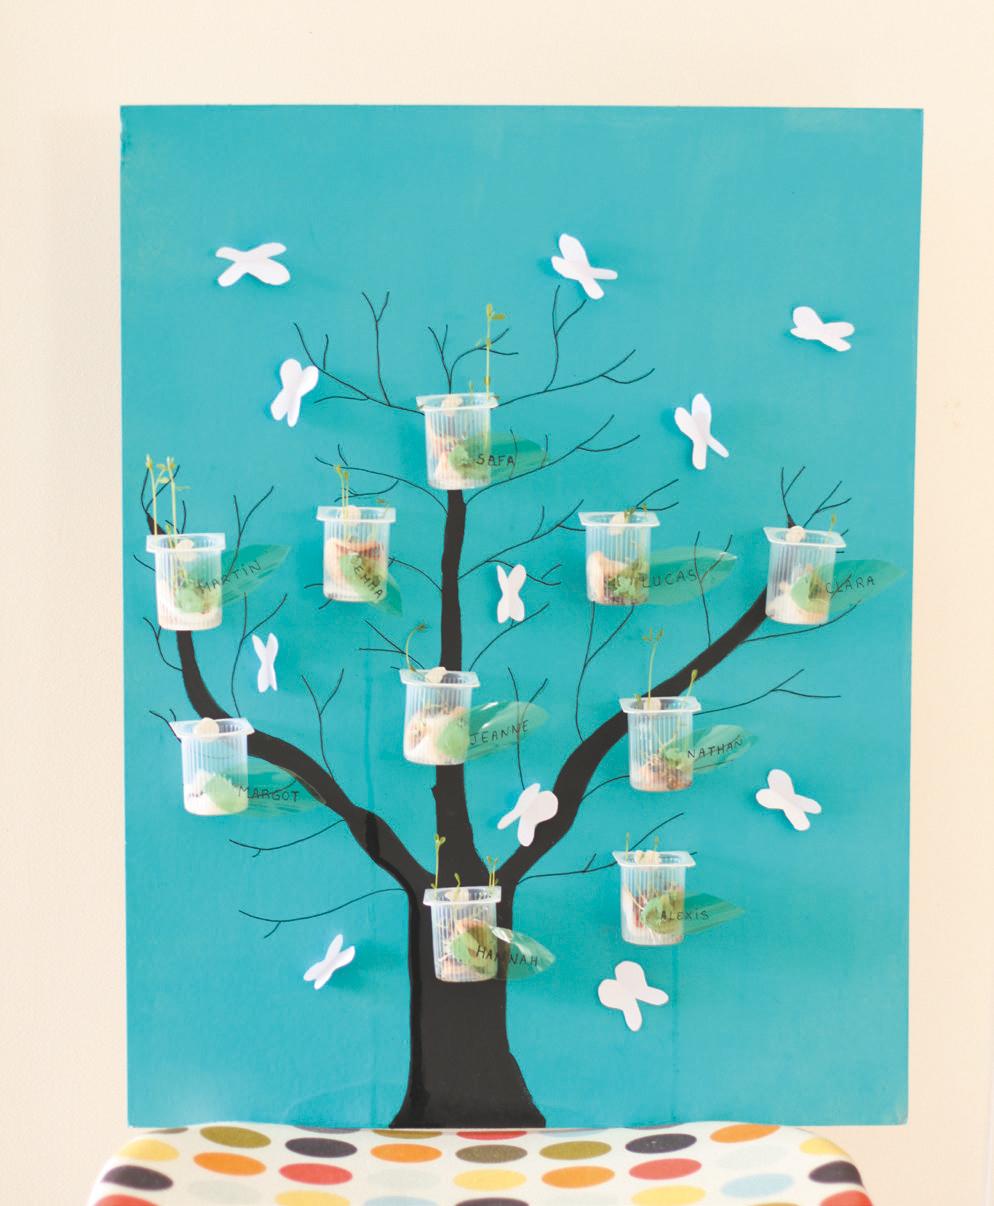 Fiche cr ative n 2 l arbre qui pousse le blog savoirsplus for L arbre qui pousse le plus vite